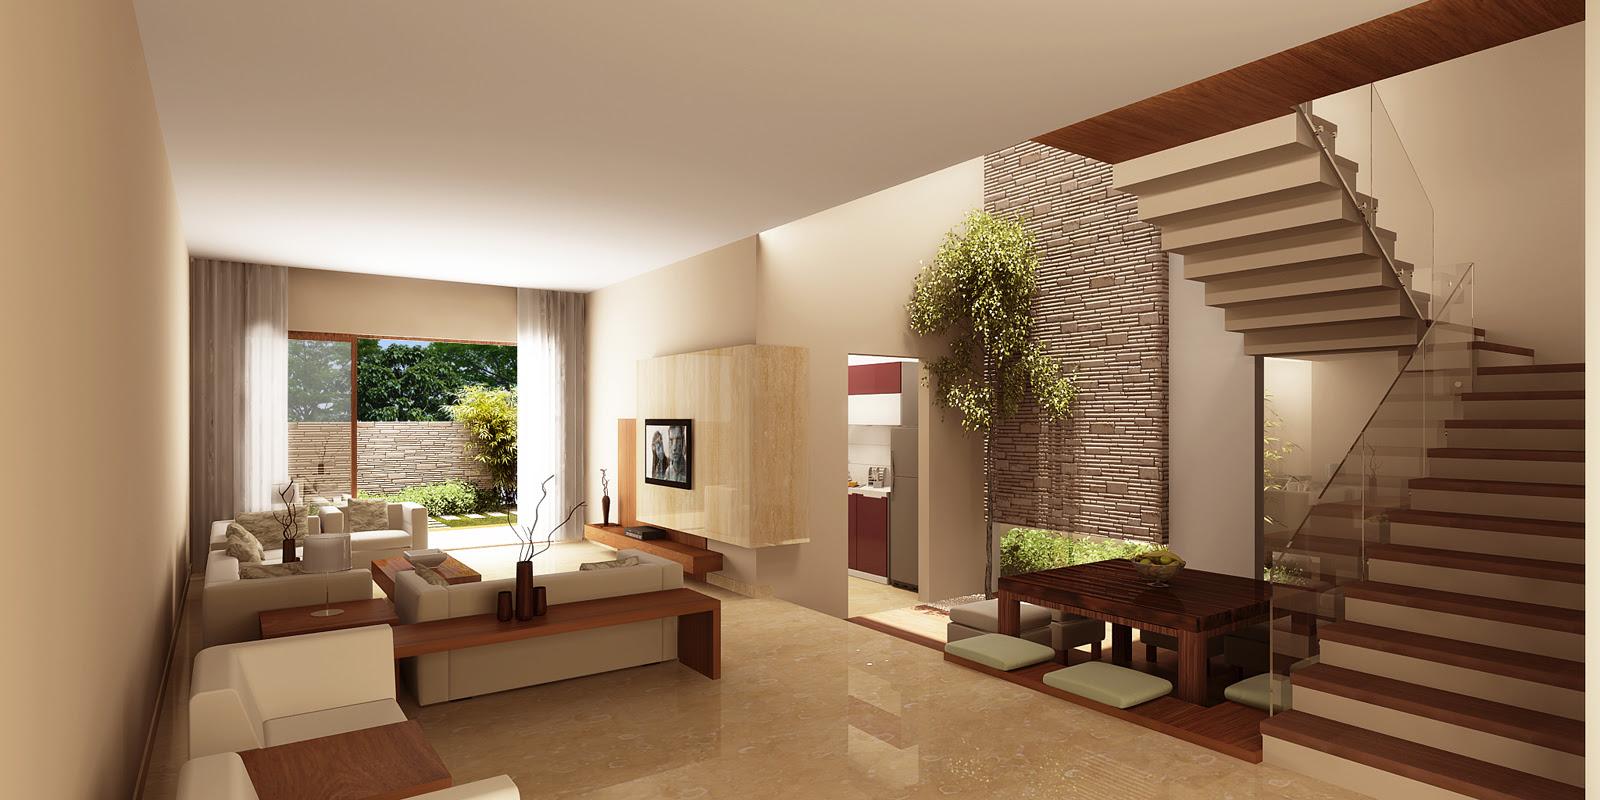 Design Home Pictures: 3D Interior Design